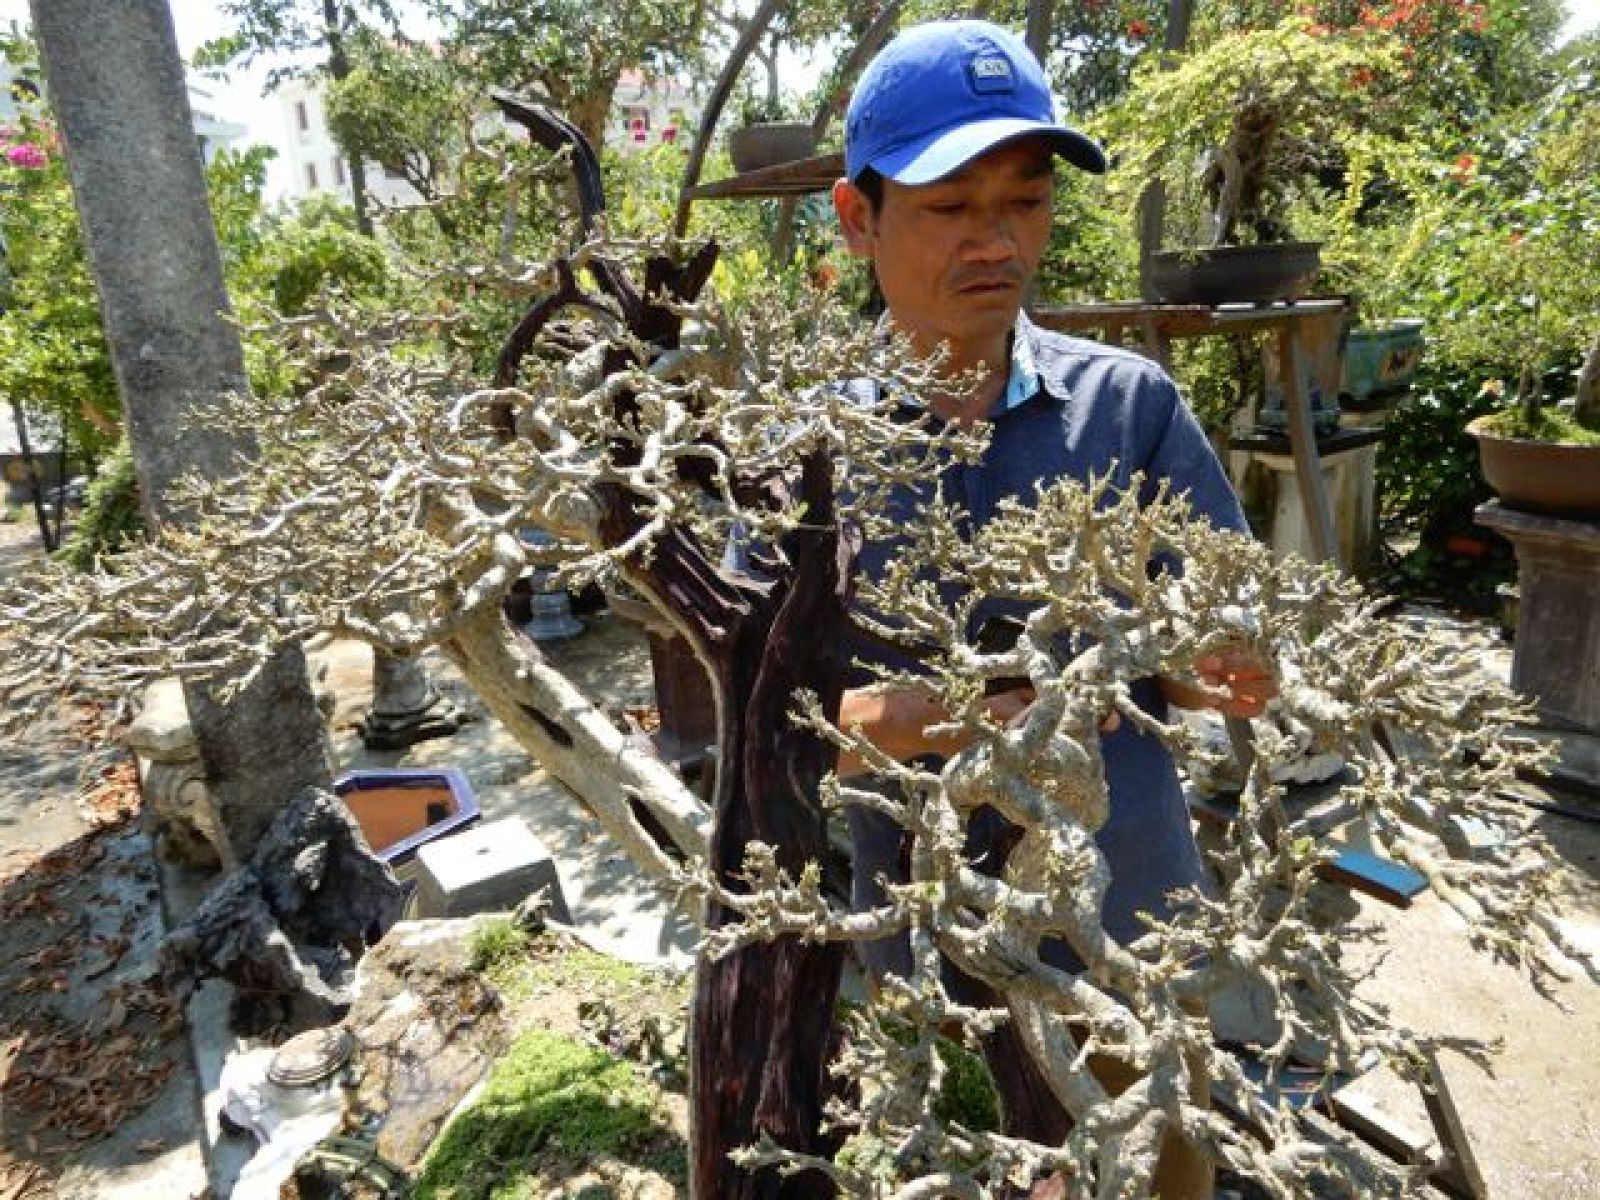 Vườn cây cảnh của anh Thuấn có nhiều cây bonsai dáng đẹp nhờ bàn tay uốn nắn của anh